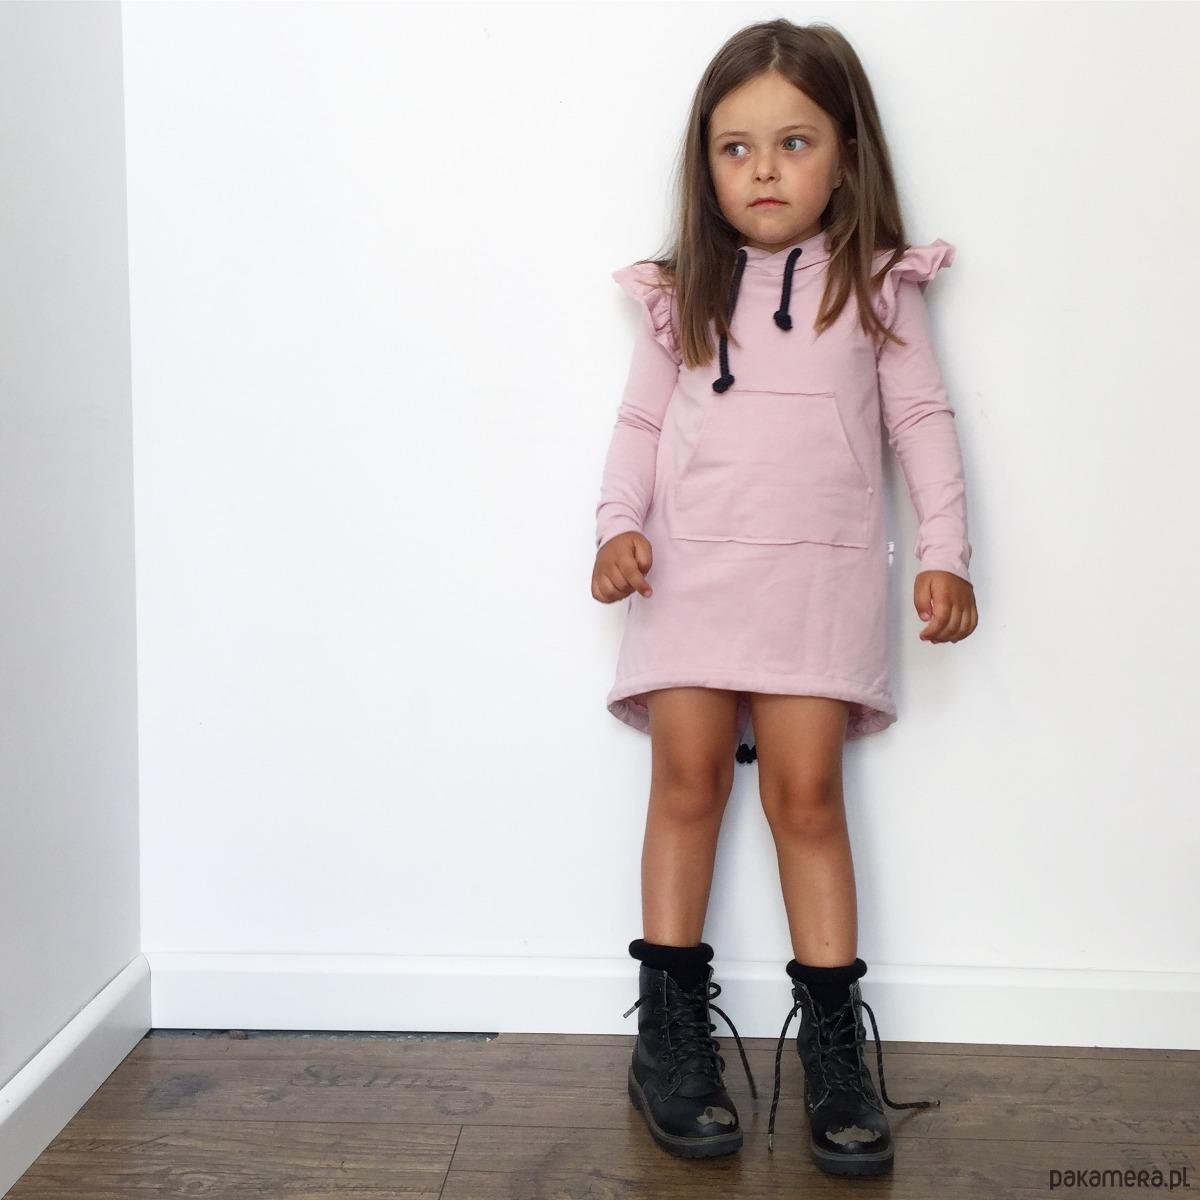 673407a337 Sukienka różowa pudrowa - dziewczynka - sukienki - Pakamera.pl